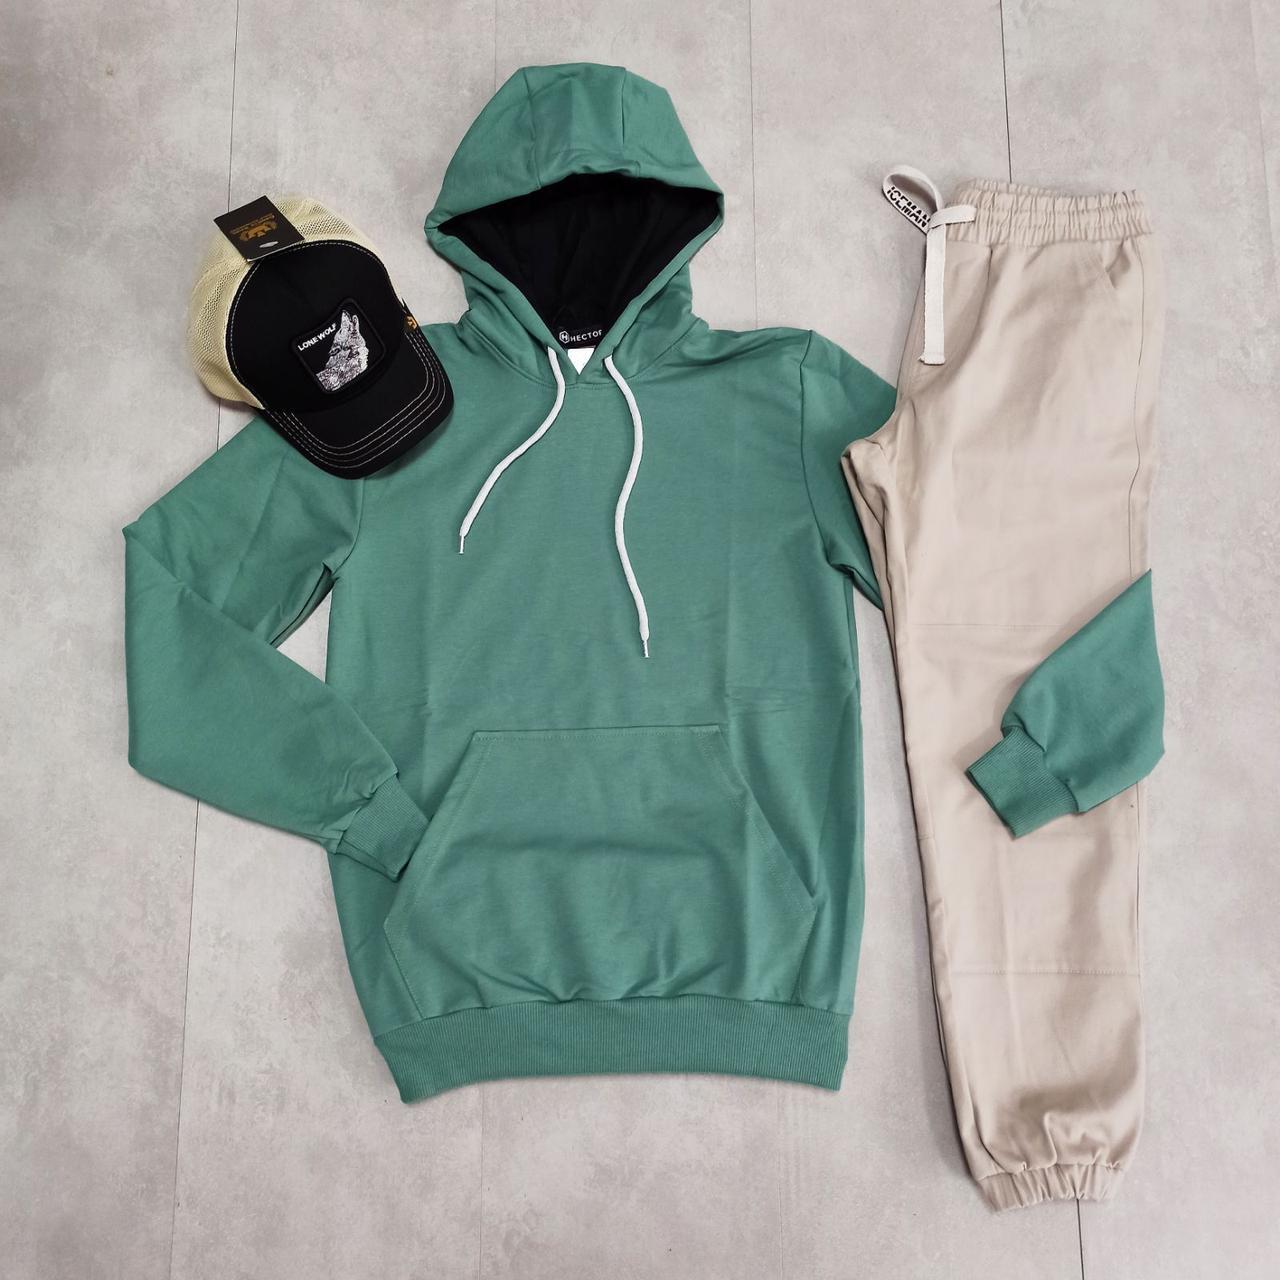 Мужской спортивный комплект худи с капюшоном + штаны на манжетах + кепка с рисунком размер М